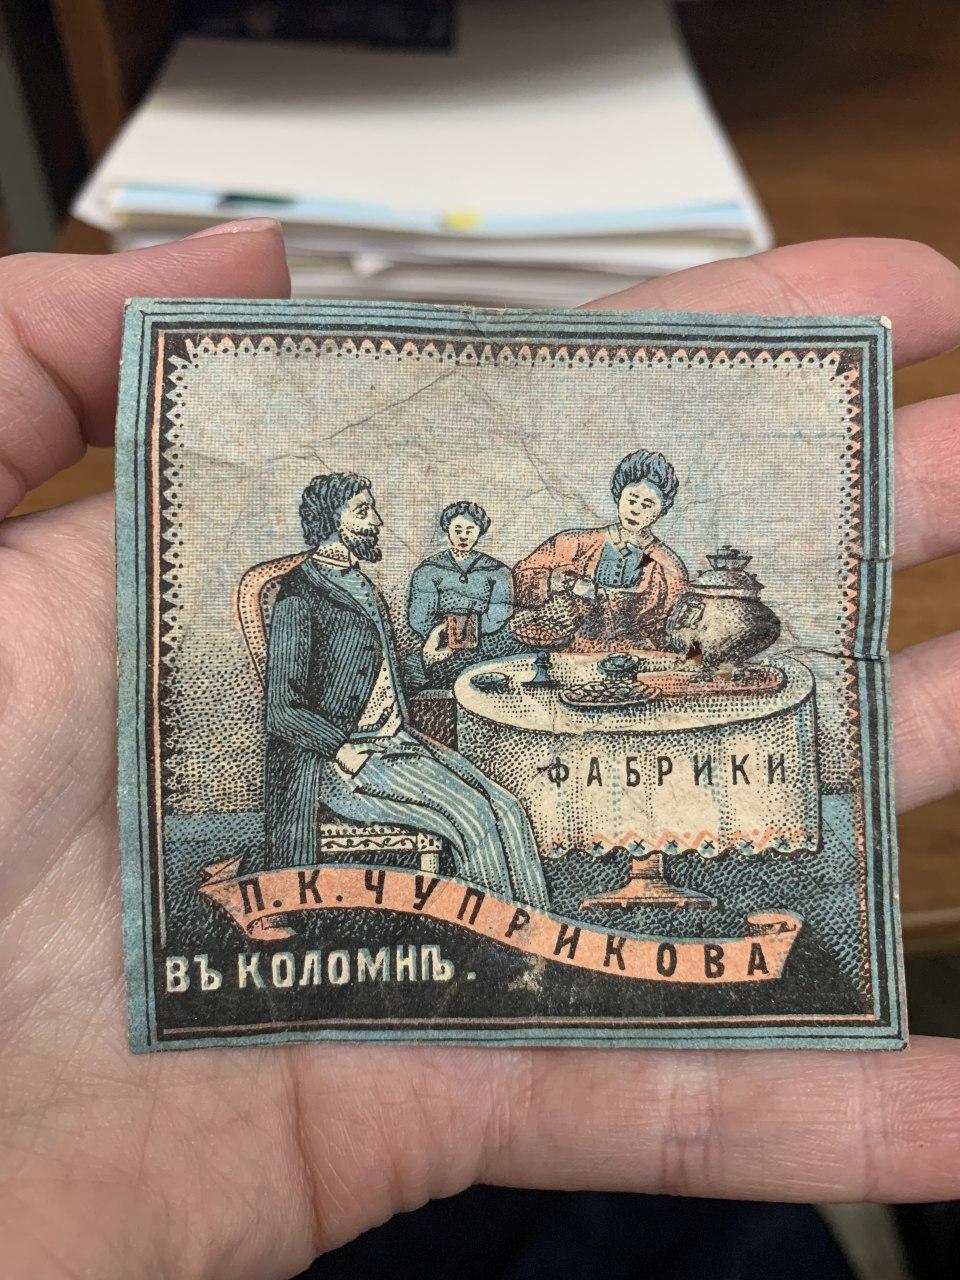 В Коломне найдена неизвестная оригинальная этикетка кондитерской фабрики Петра Чуприкова